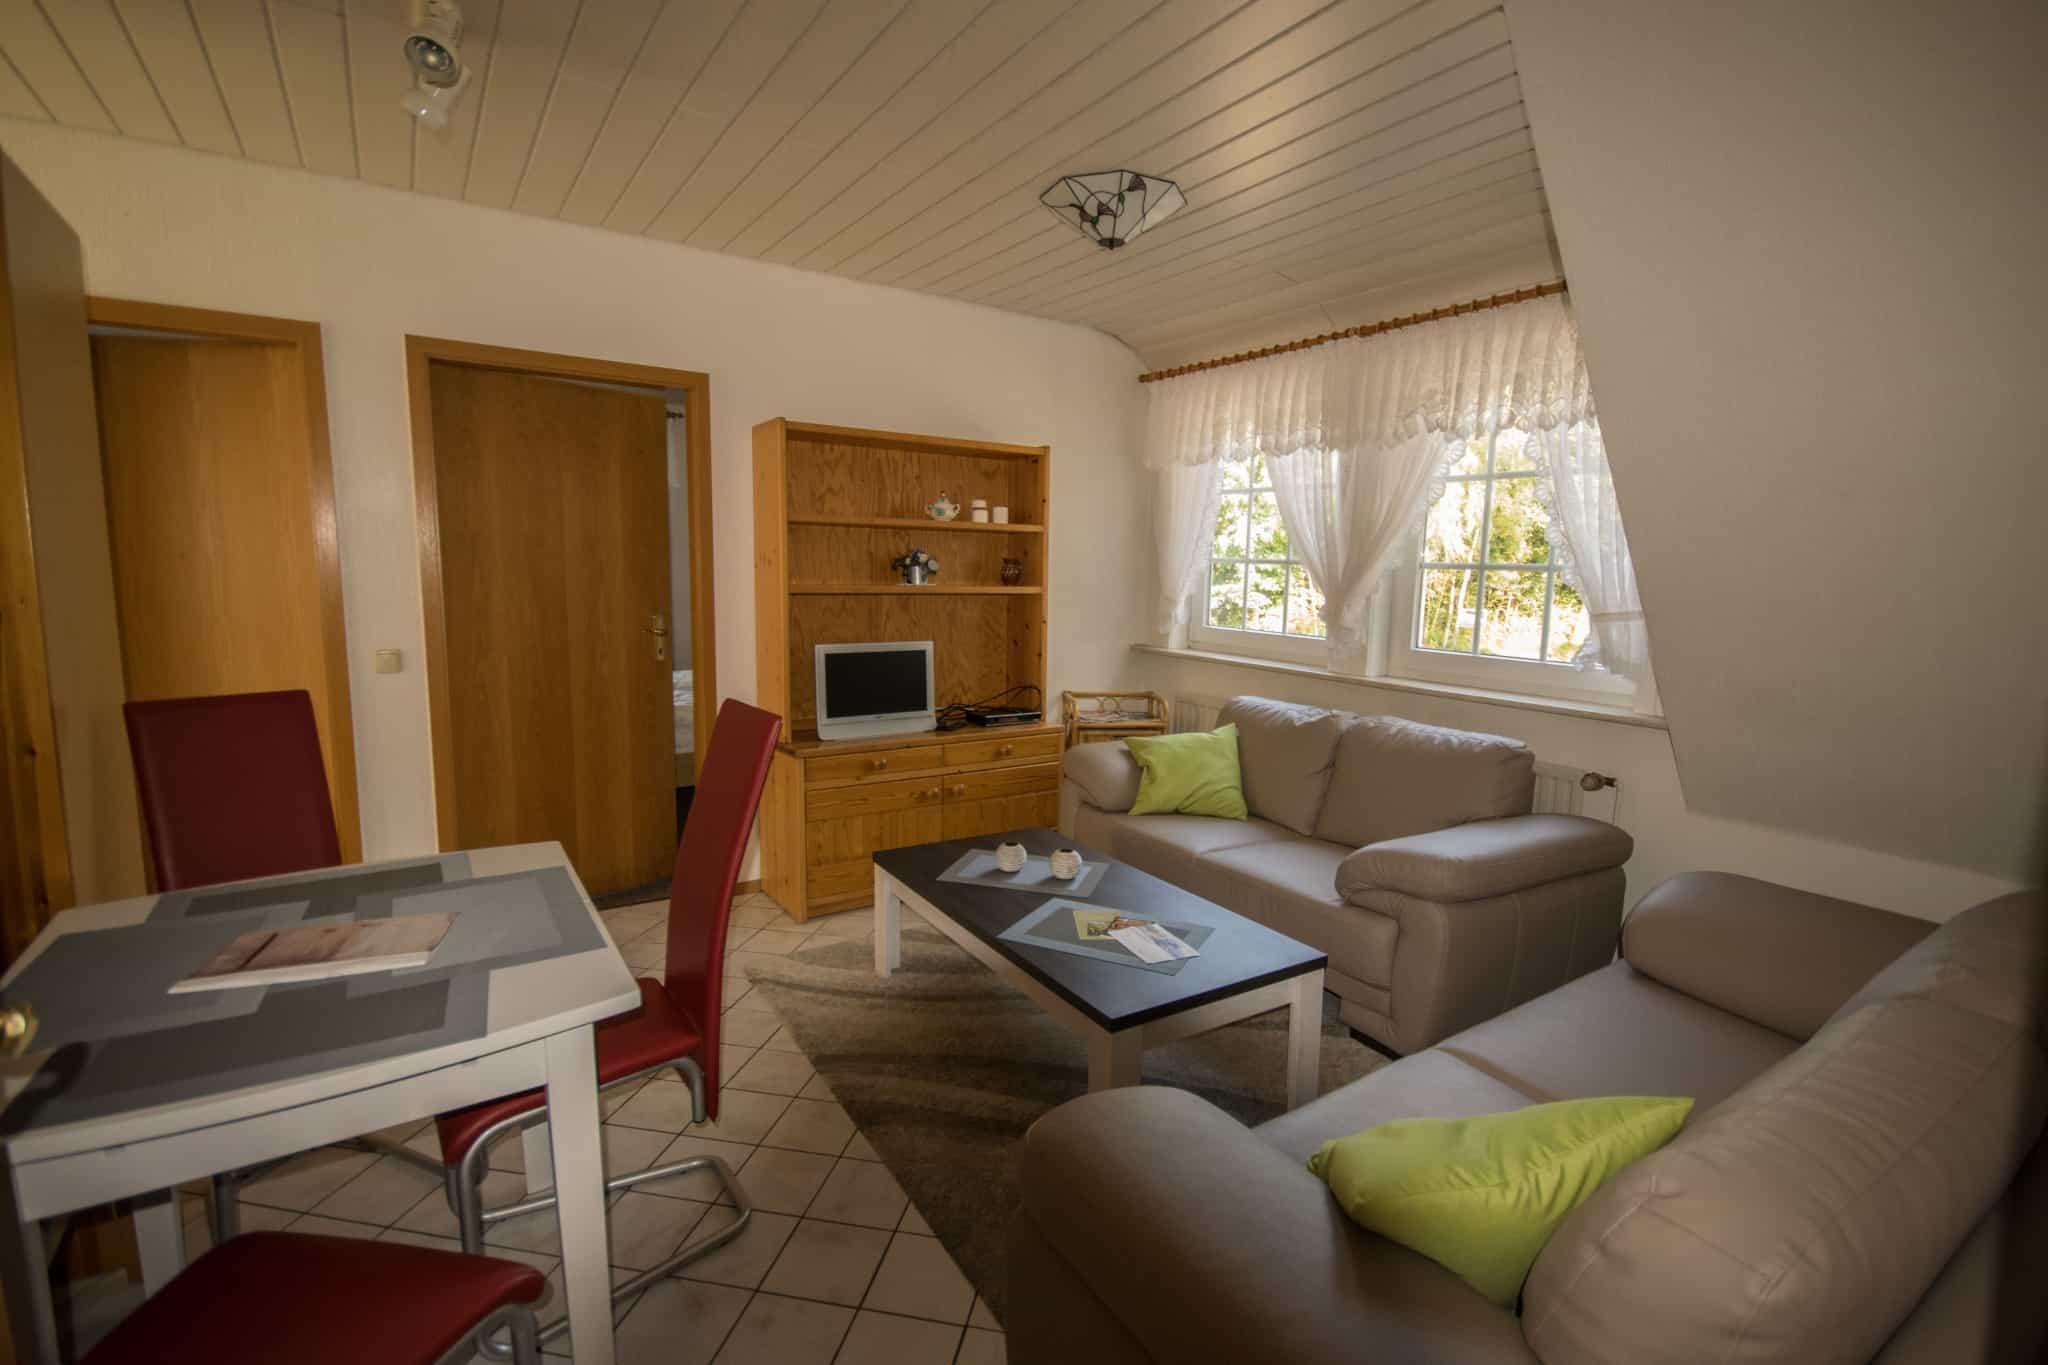 Wohnzimmer mit Sitzecke, gelbe Ferienwohnung, Ferienhof Lührs, Schneverdingen, Lüneburger Heide